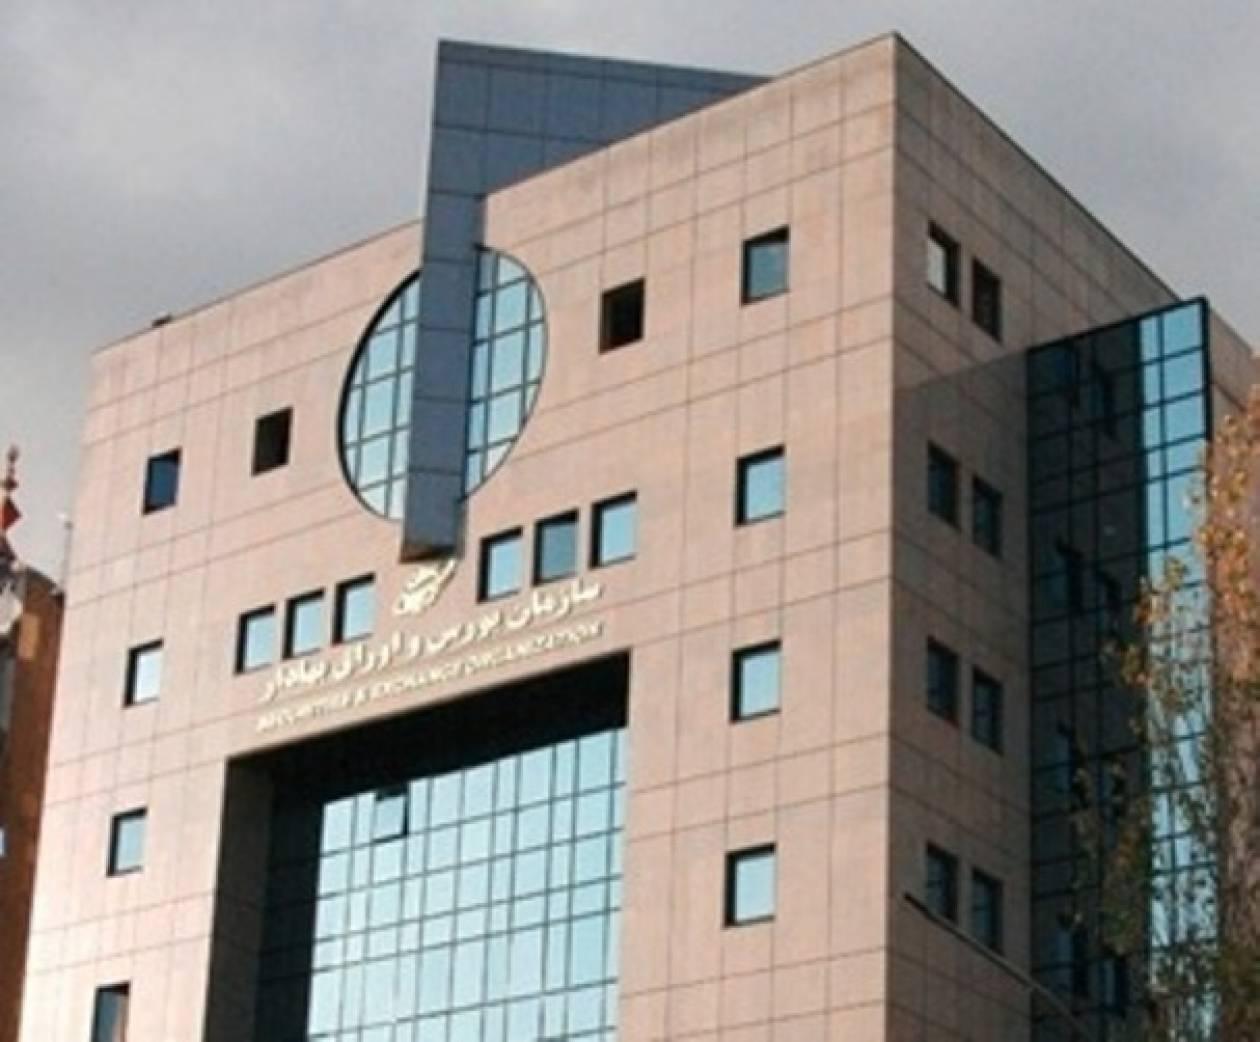 130 δις. δολ. κεφαλαιοποίηση για το χρηματιστήριο της Τεχεράνης